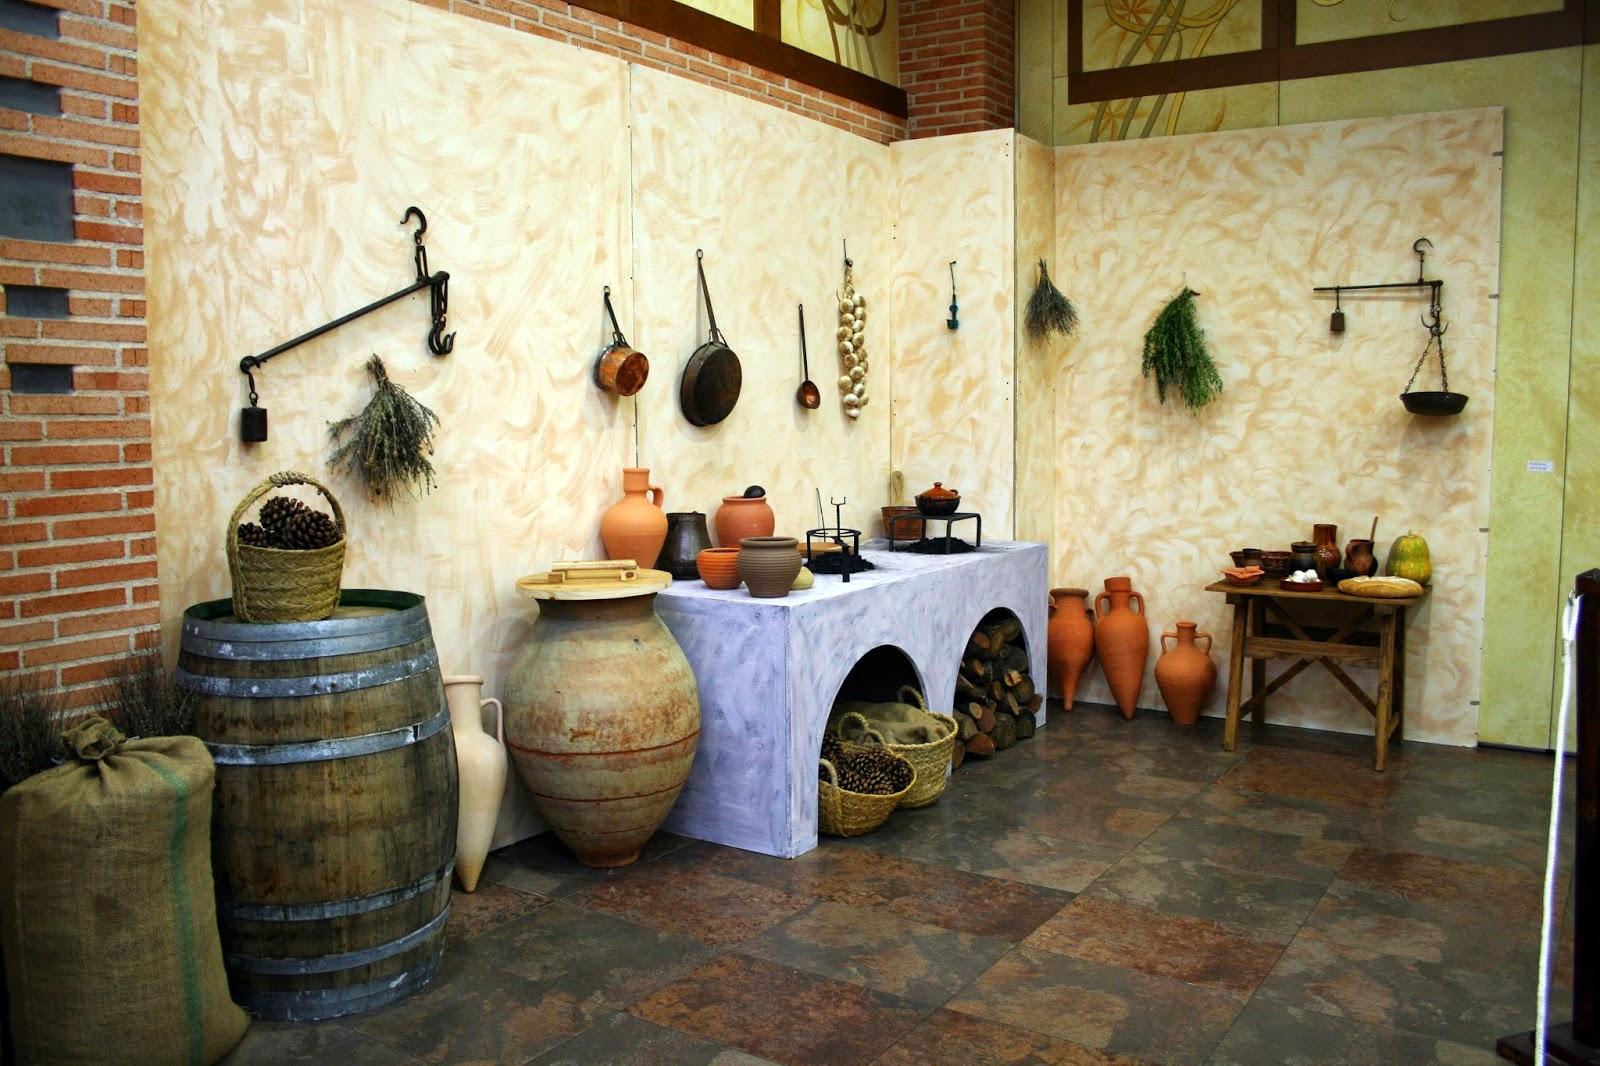 domvs romana coquus artista en la cocina romana